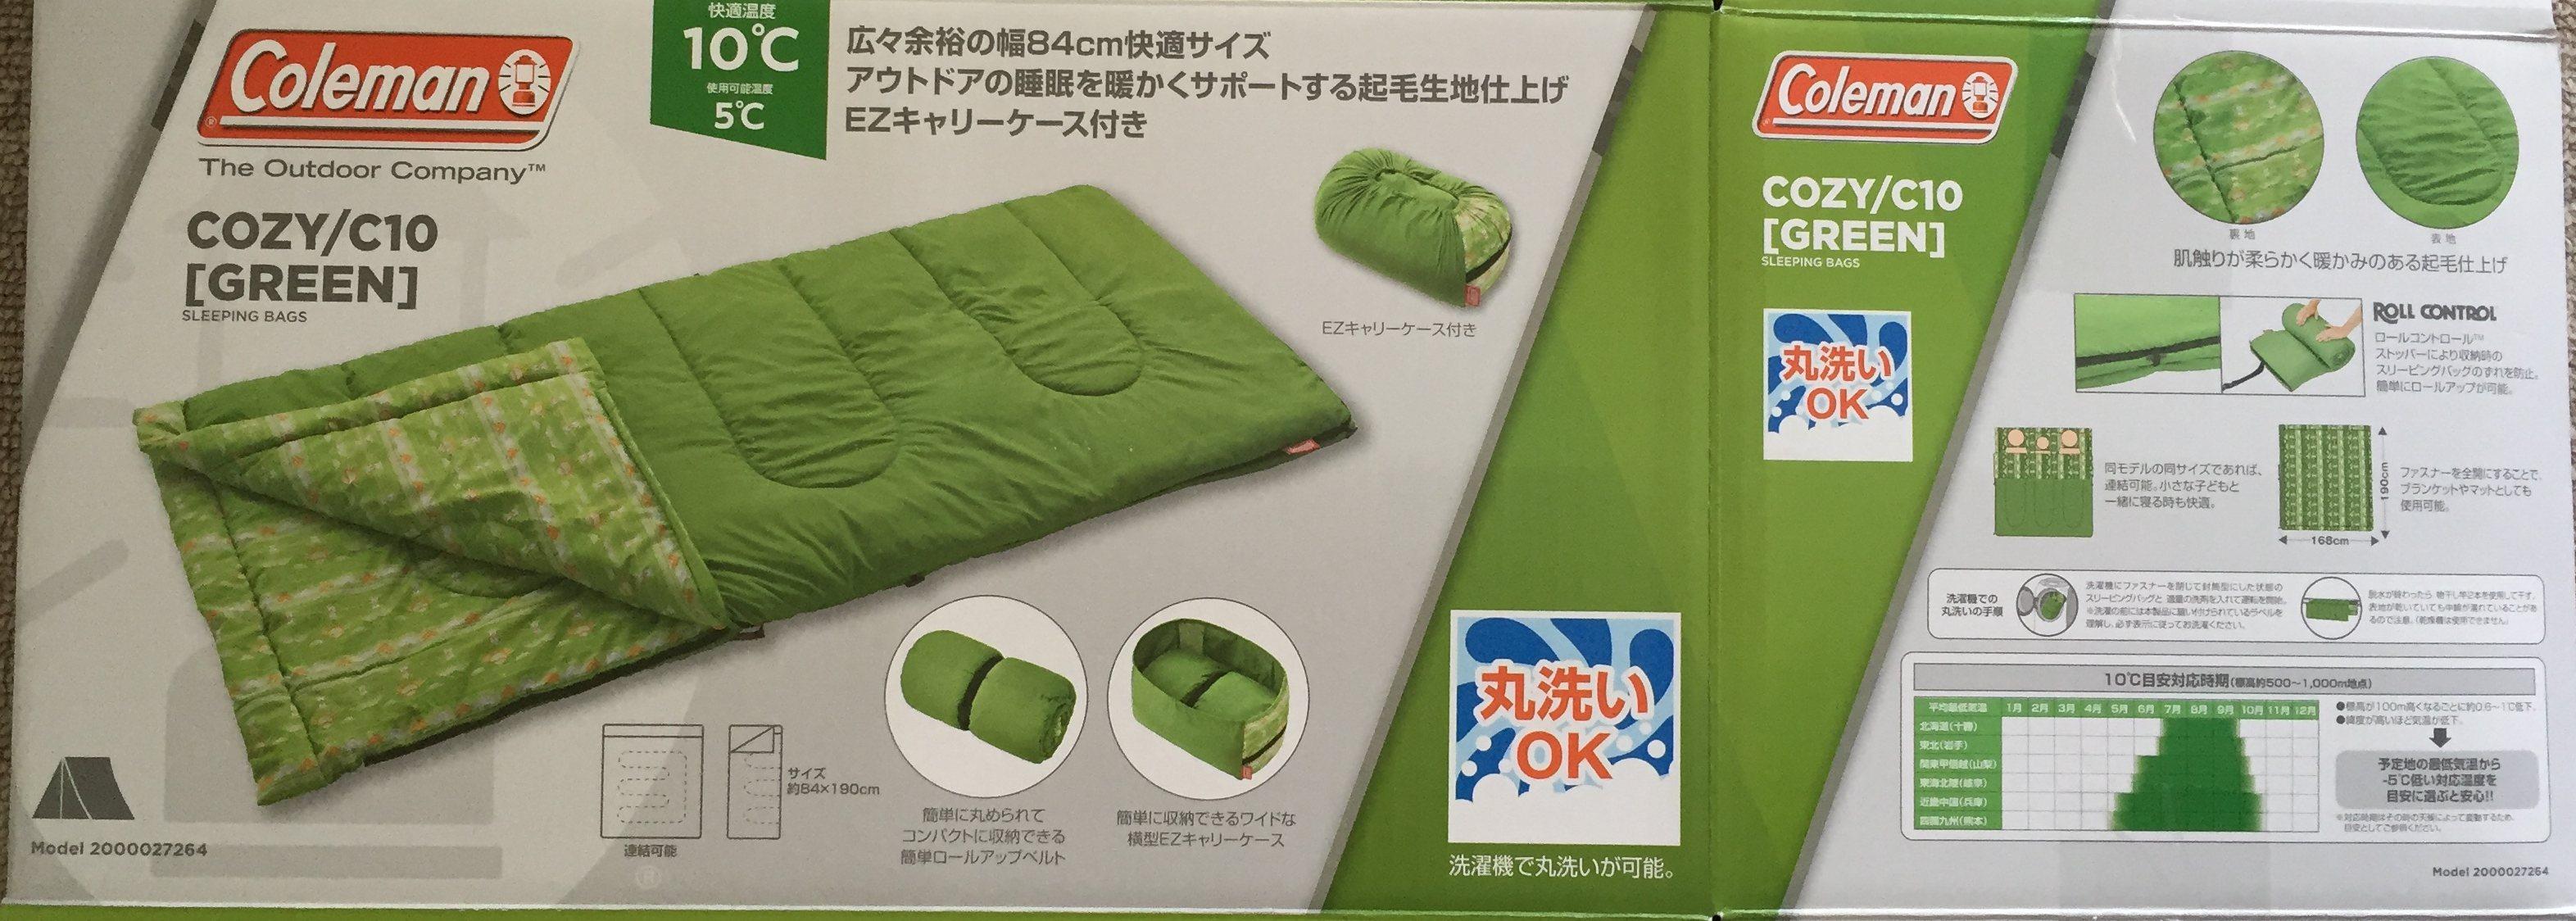 寝袋COZY/C10外箱